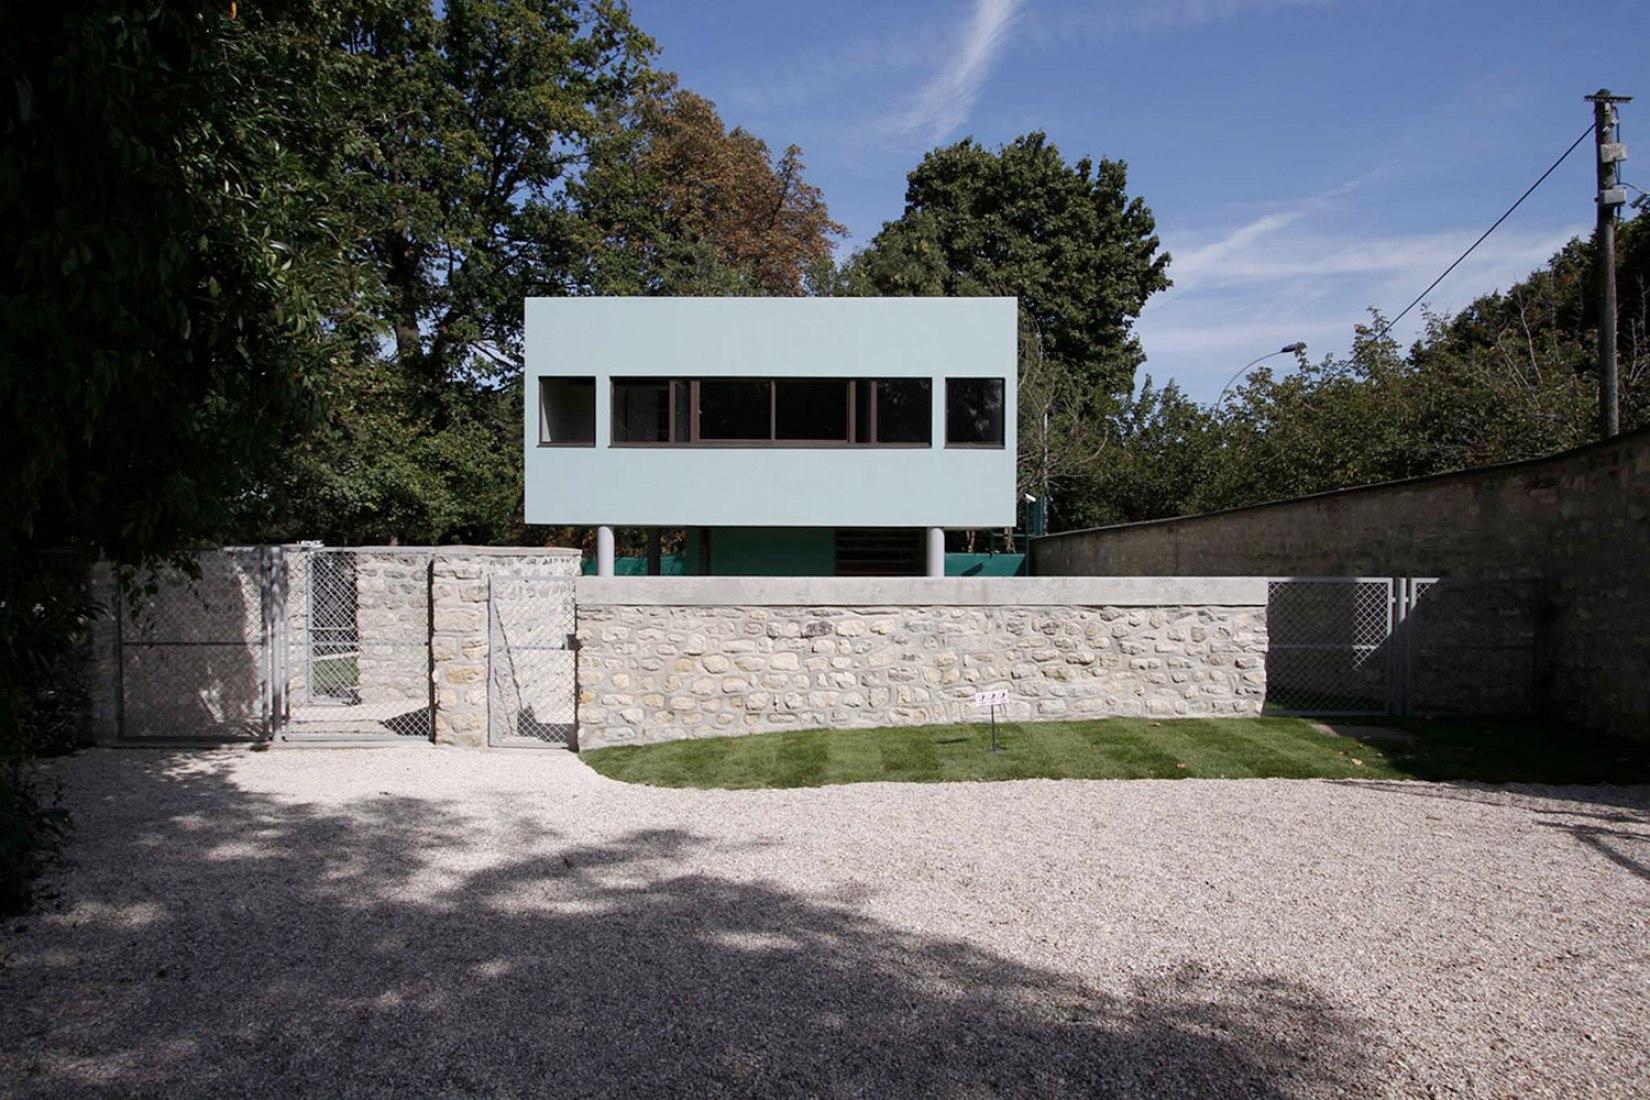 Vista frontal. Casa del Jardinero de Villa Savoye. Fotografía © Emanuelle Metz, cortesía de CMN.